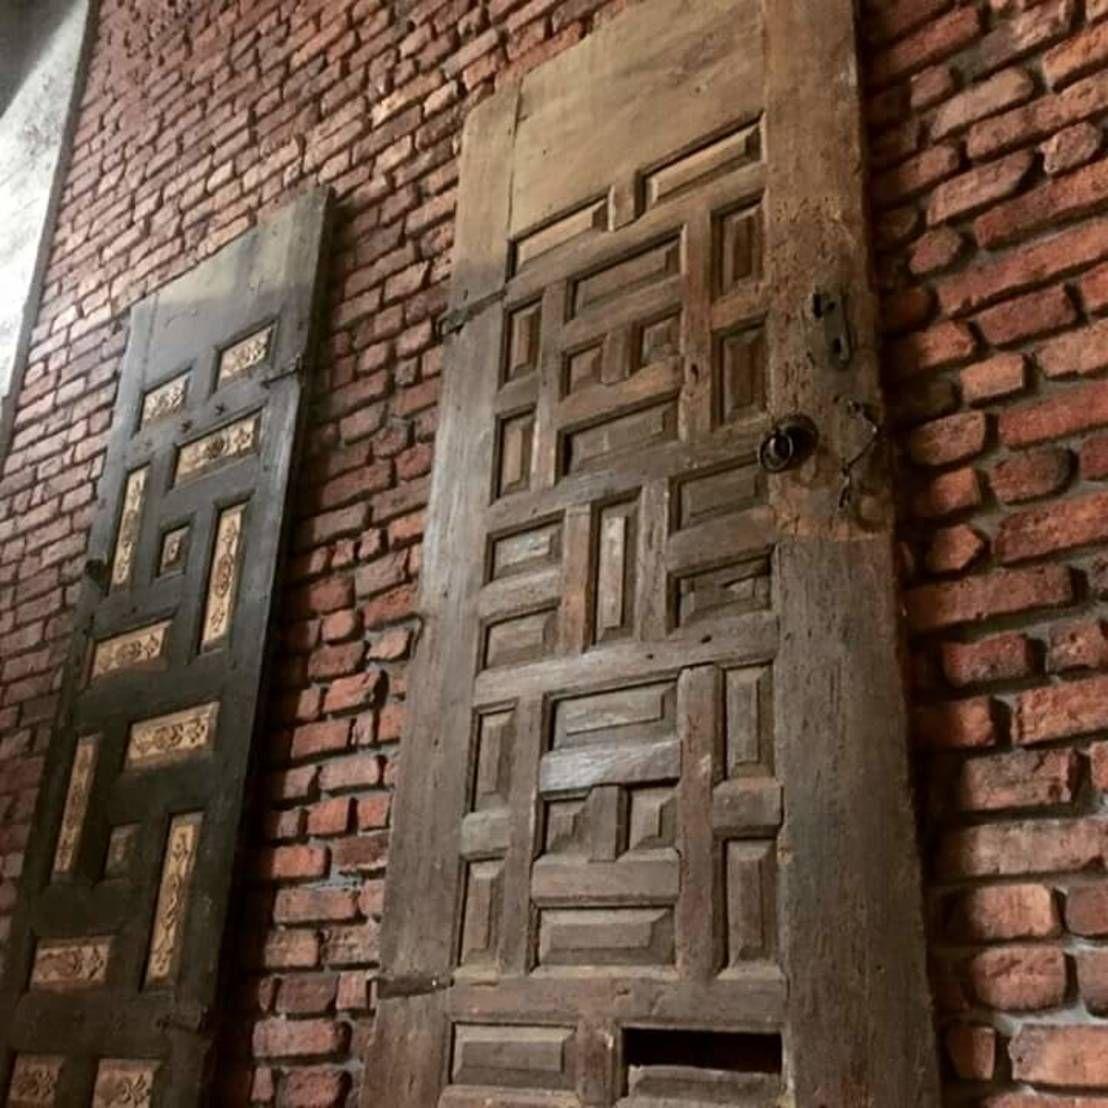 Puertas: ¡10 ideas rústicas y encantadoras! https://www.homify.com.mx/libros_de_ideas/66271/puertas-10-ideas-rusticas-y-encantadoras